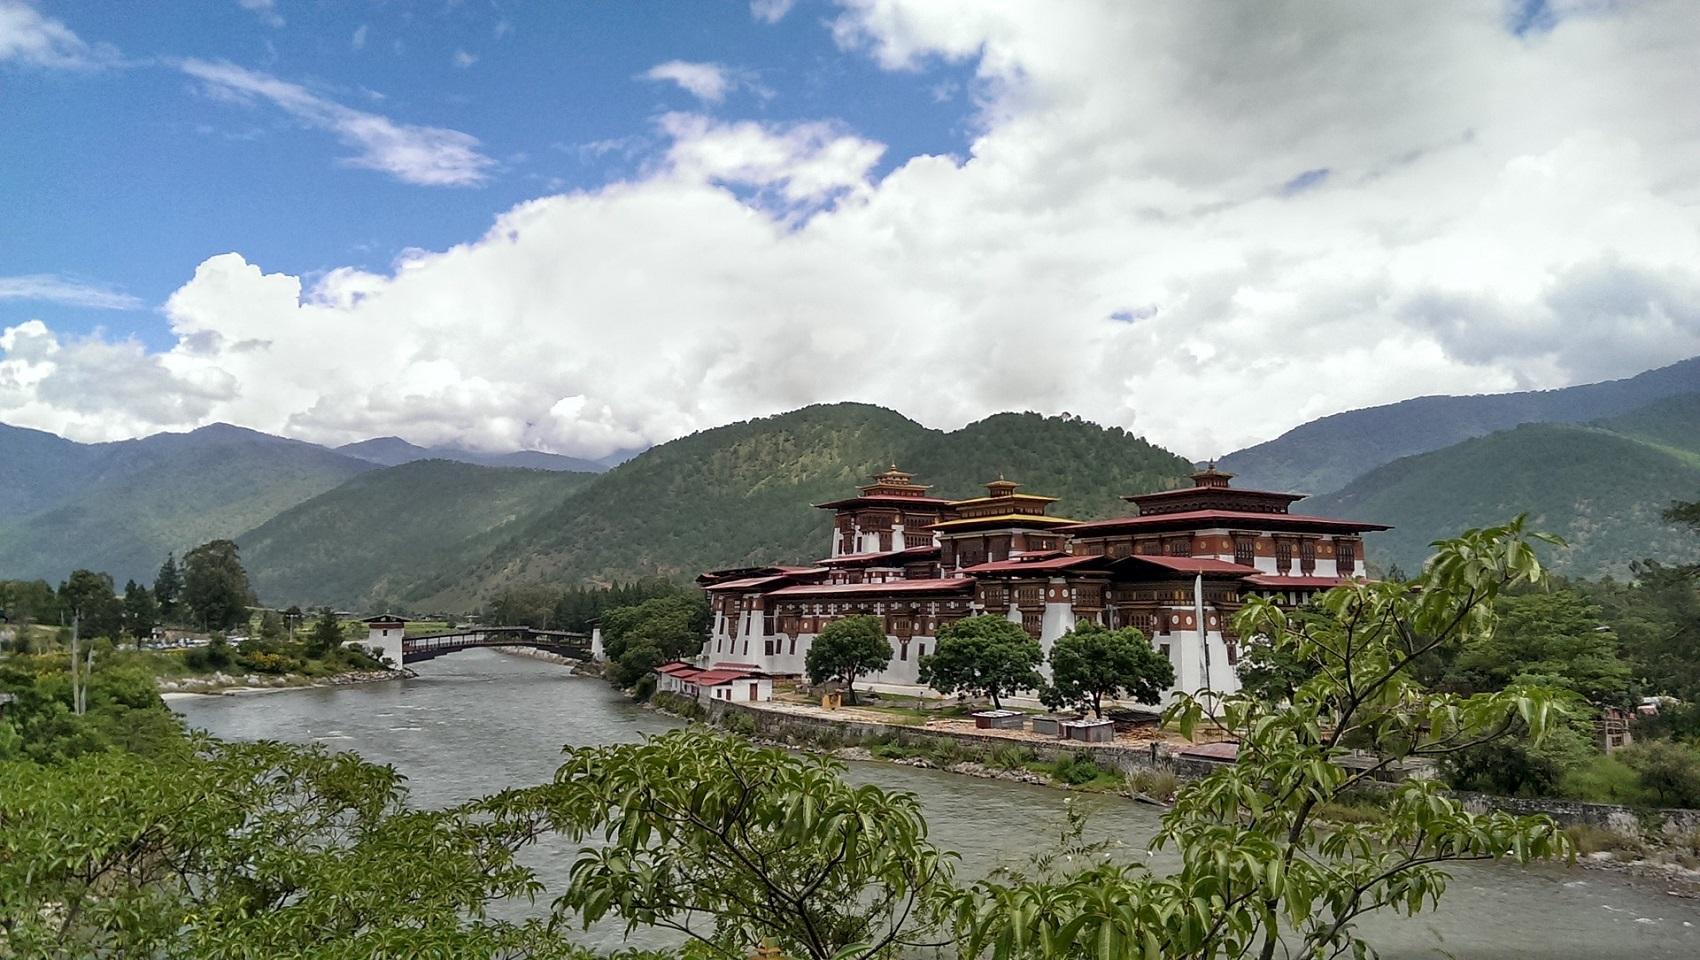 10 Best Bhutan Tours Trips 2019 With 82 Reviews Tourradar